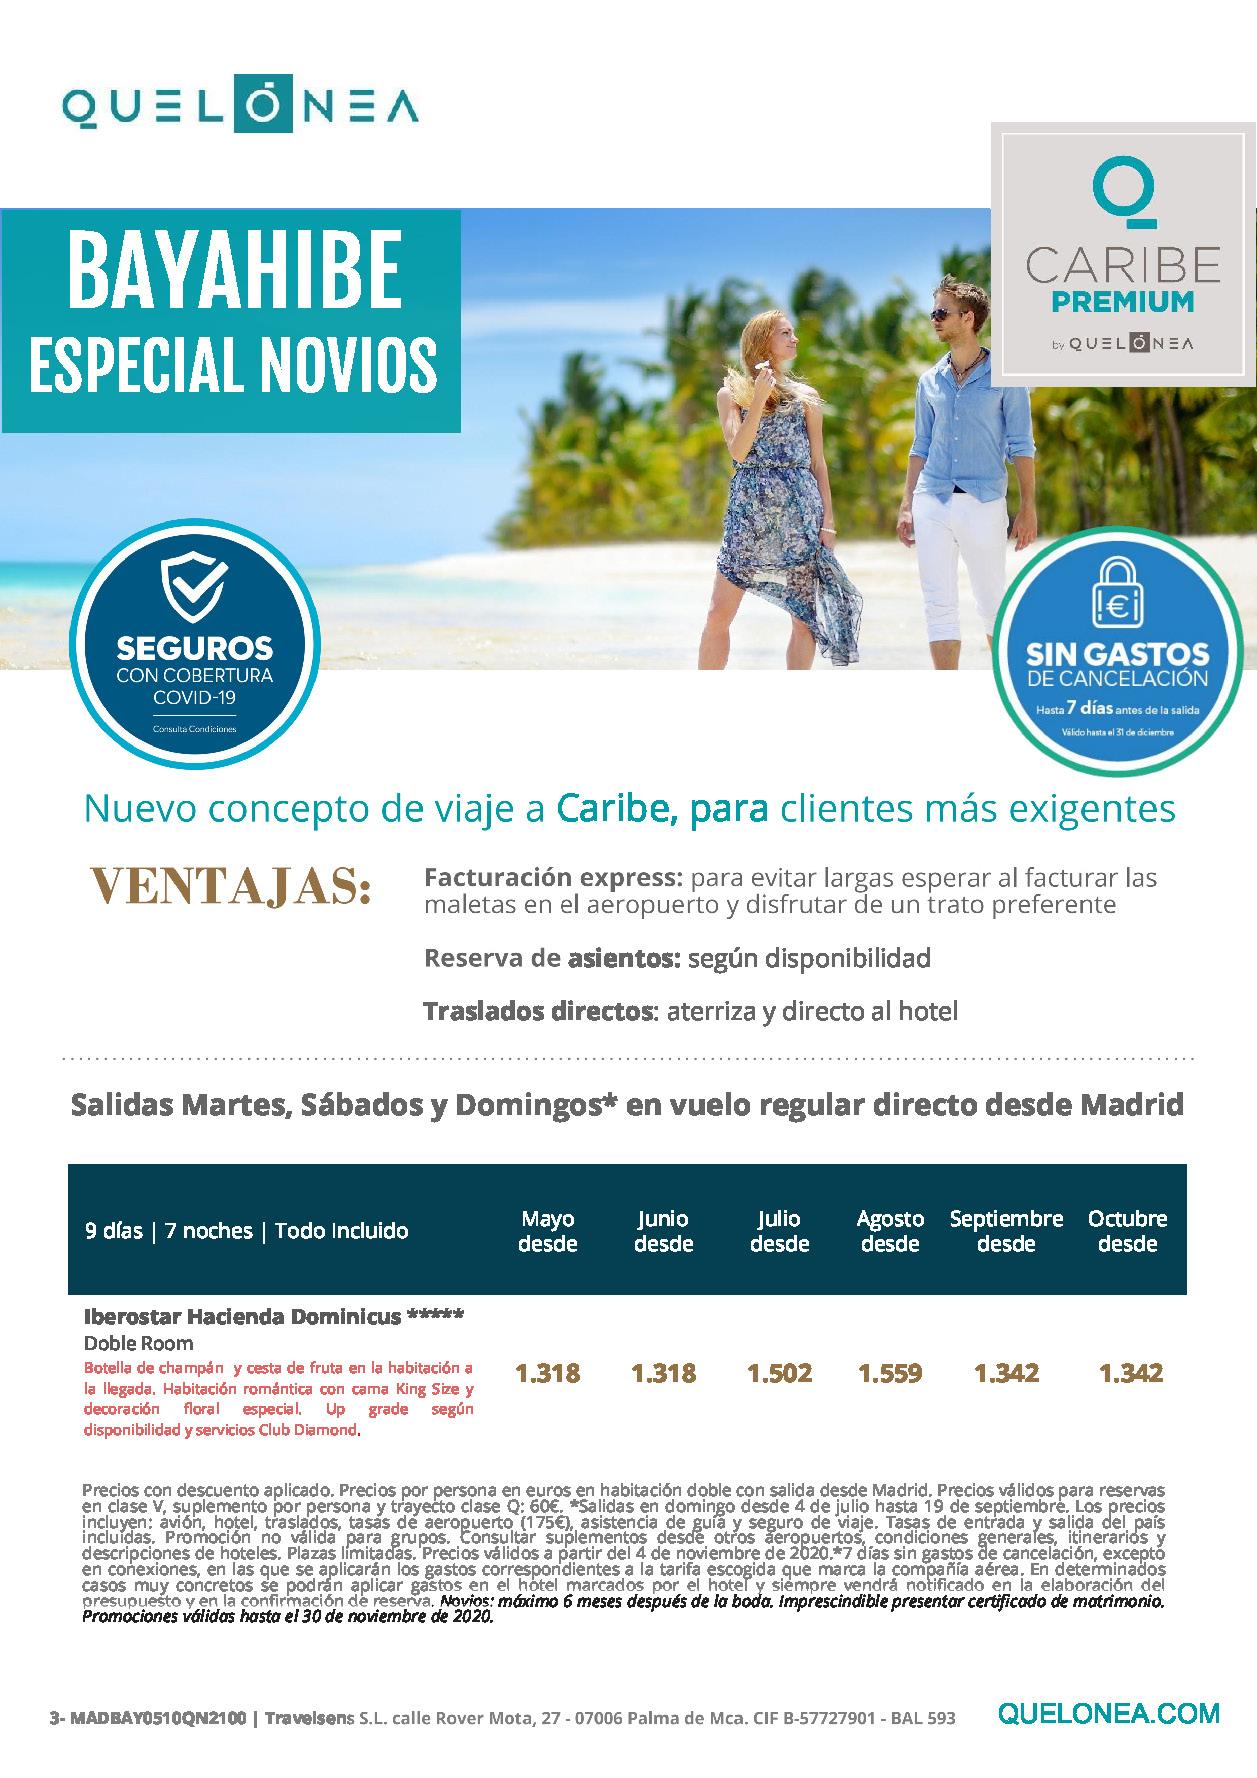 Oferta Quelonea Novios Caribe Premium Bayahibe Novios Verano 2021 vuelo directo desde Madrid